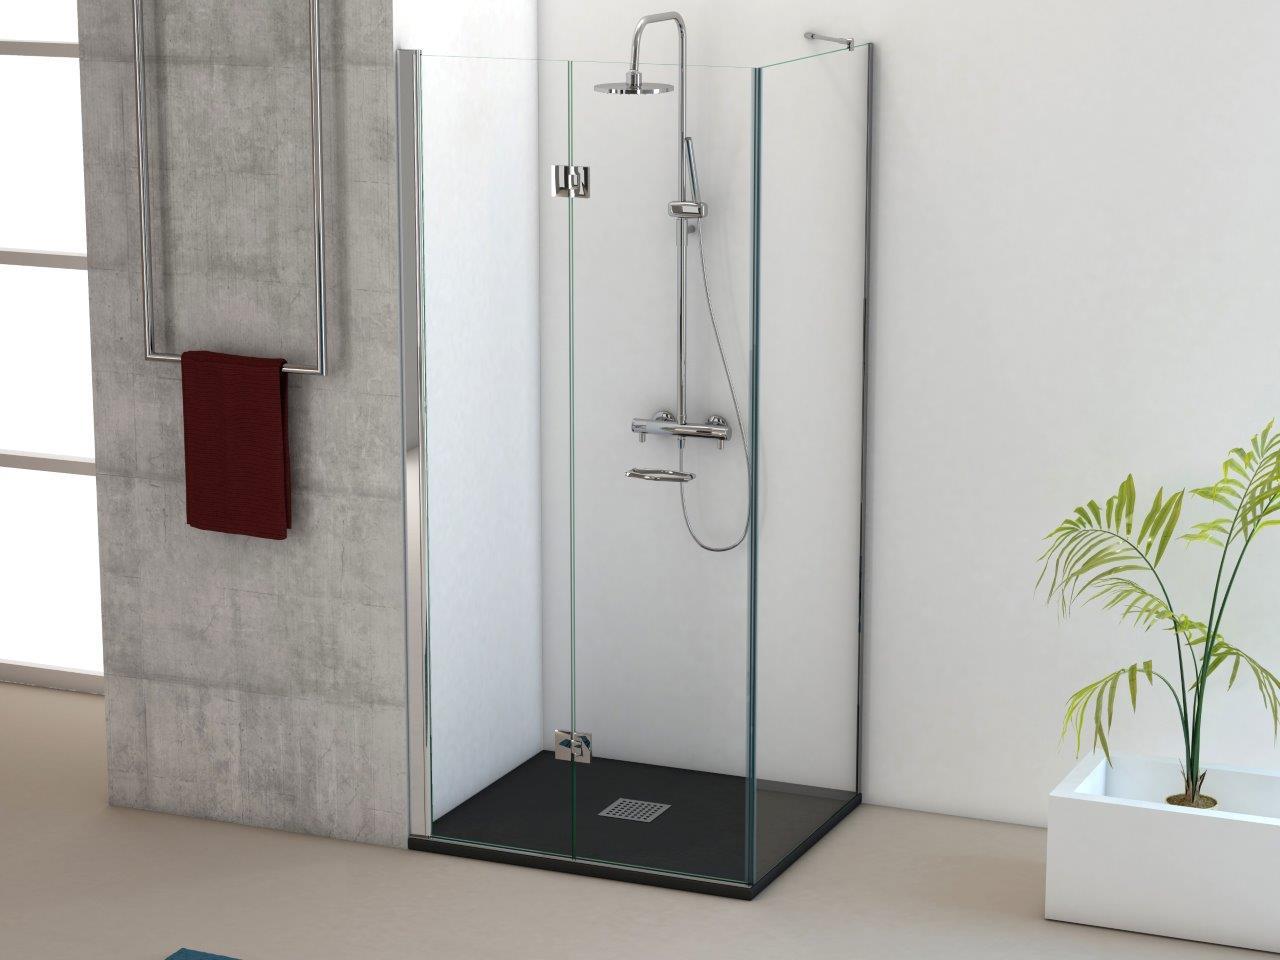 Mamparas plegables para ducha elegant mampara para ducha - Mamparas ducha plegables ...